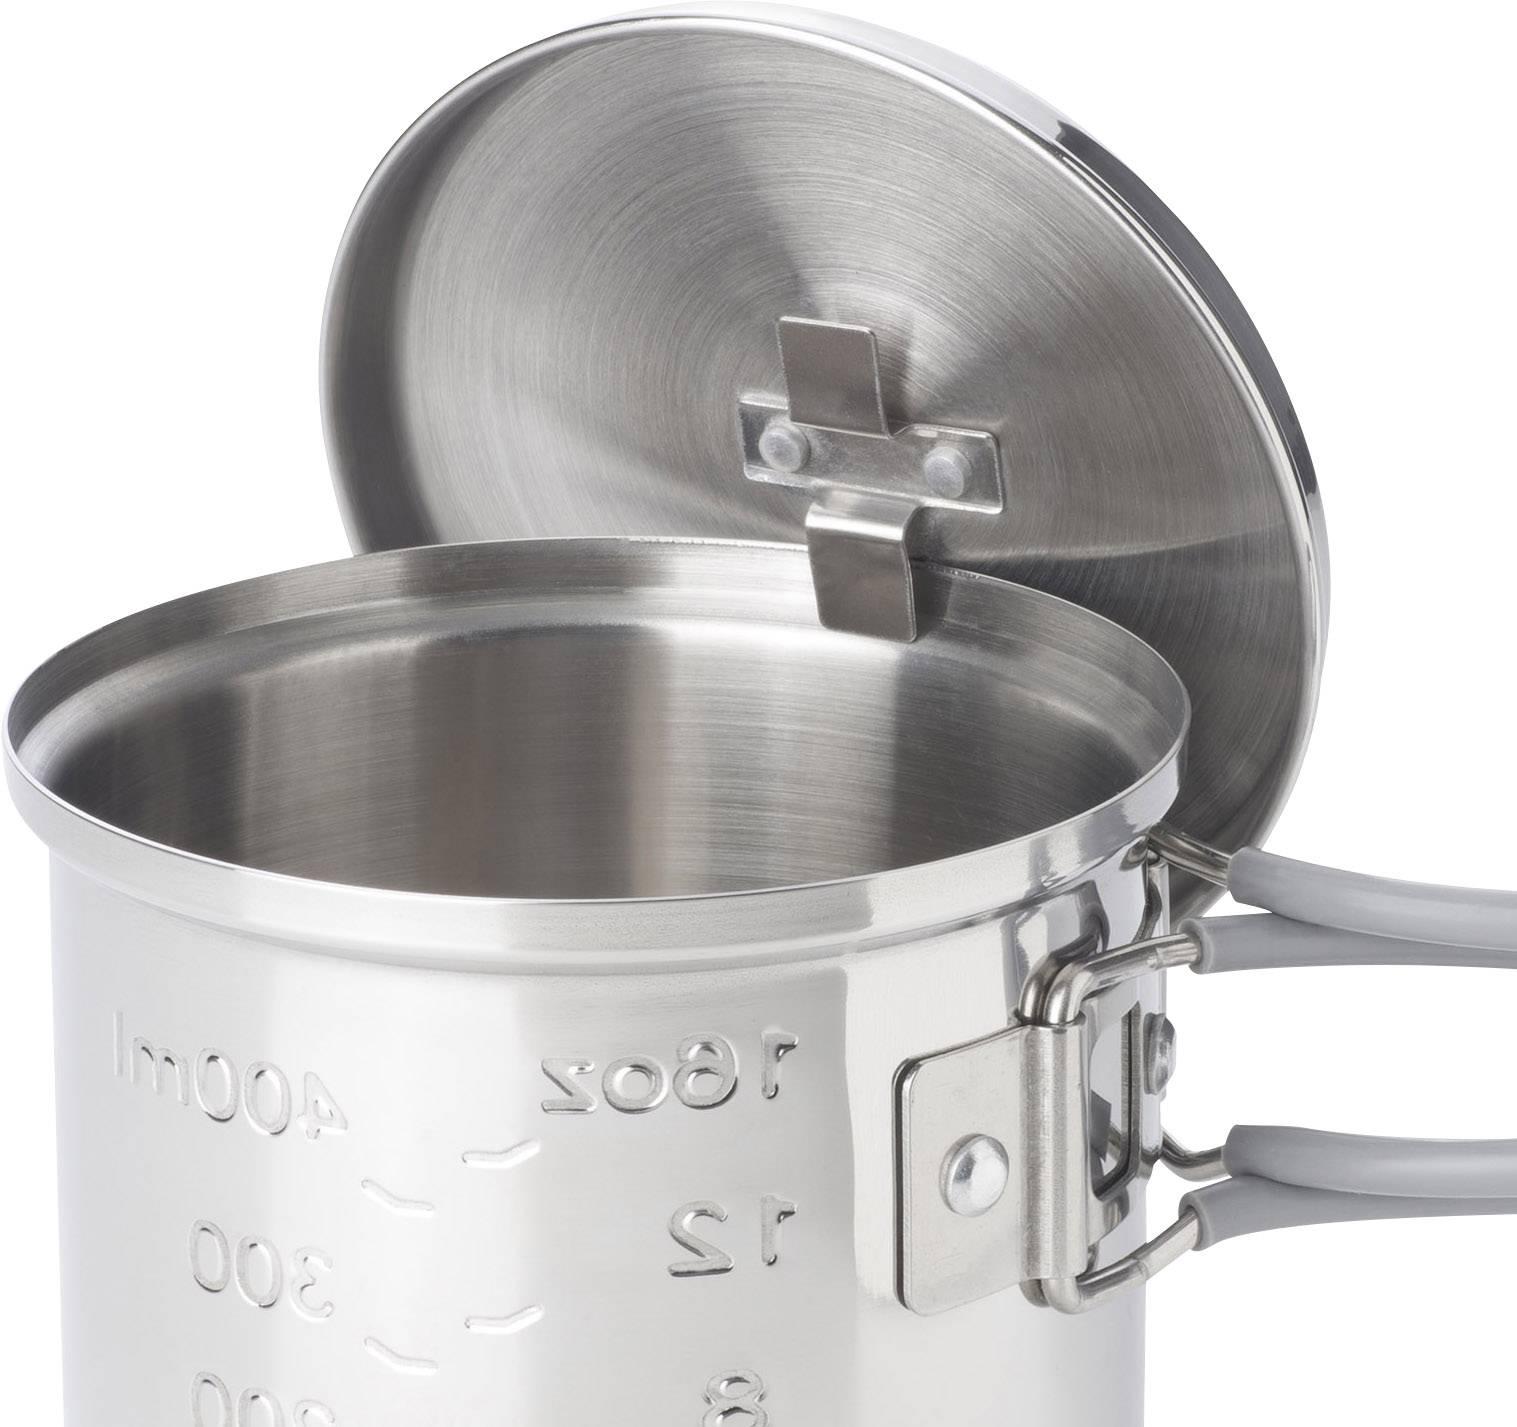 Aluminium Esbit Trockenbrennstoff-Kochset